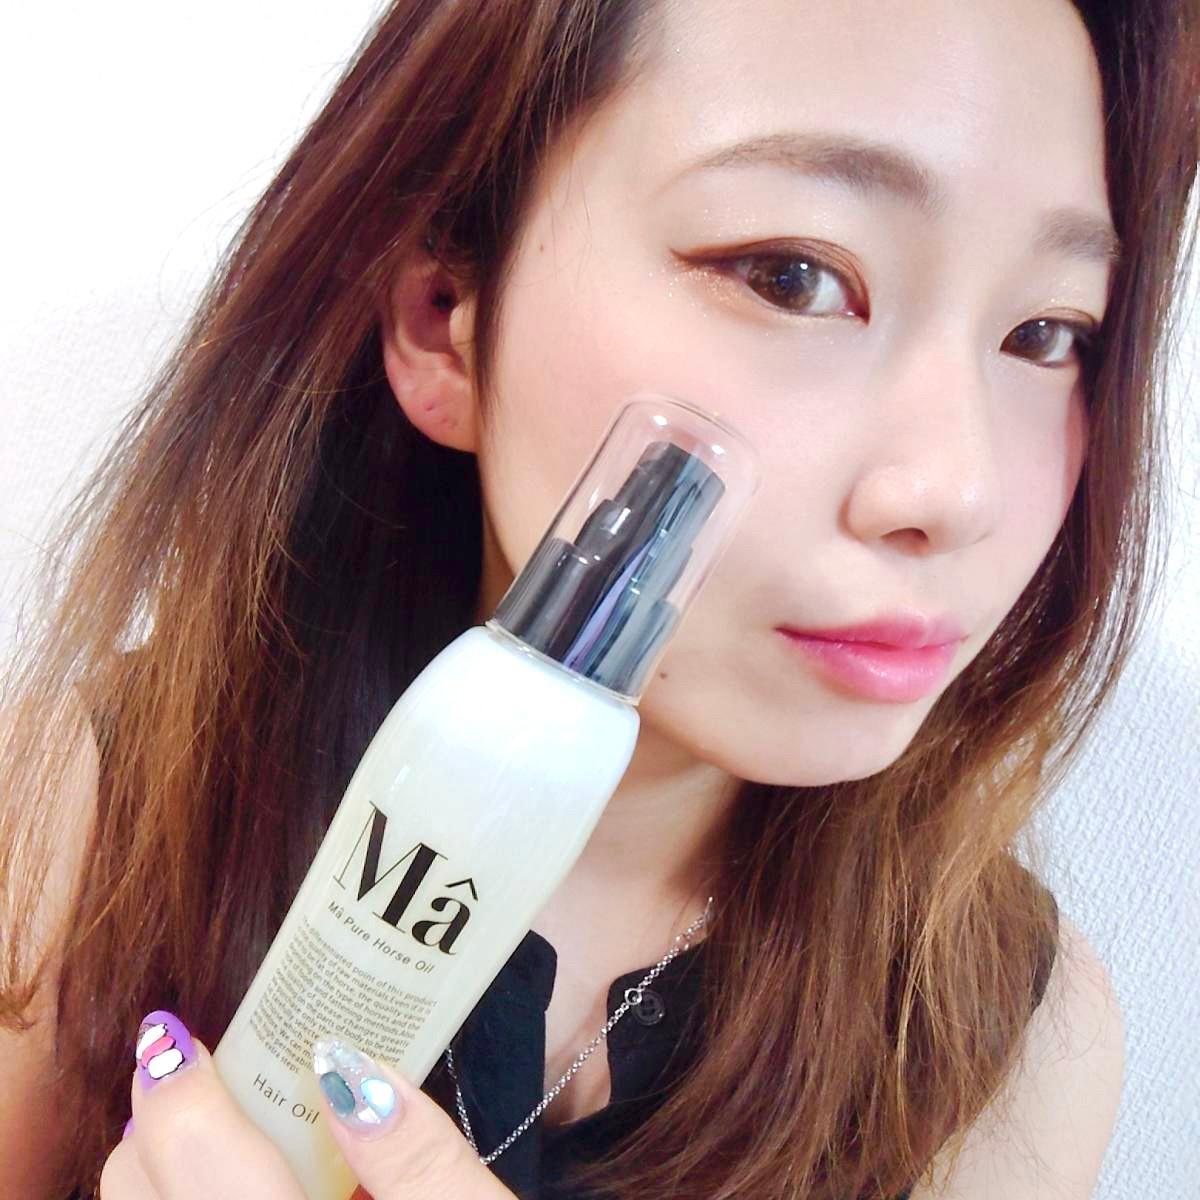 MA(エムエー)ヘアオイルを使ったkana_cafe_timeさんのクチコミ画像4